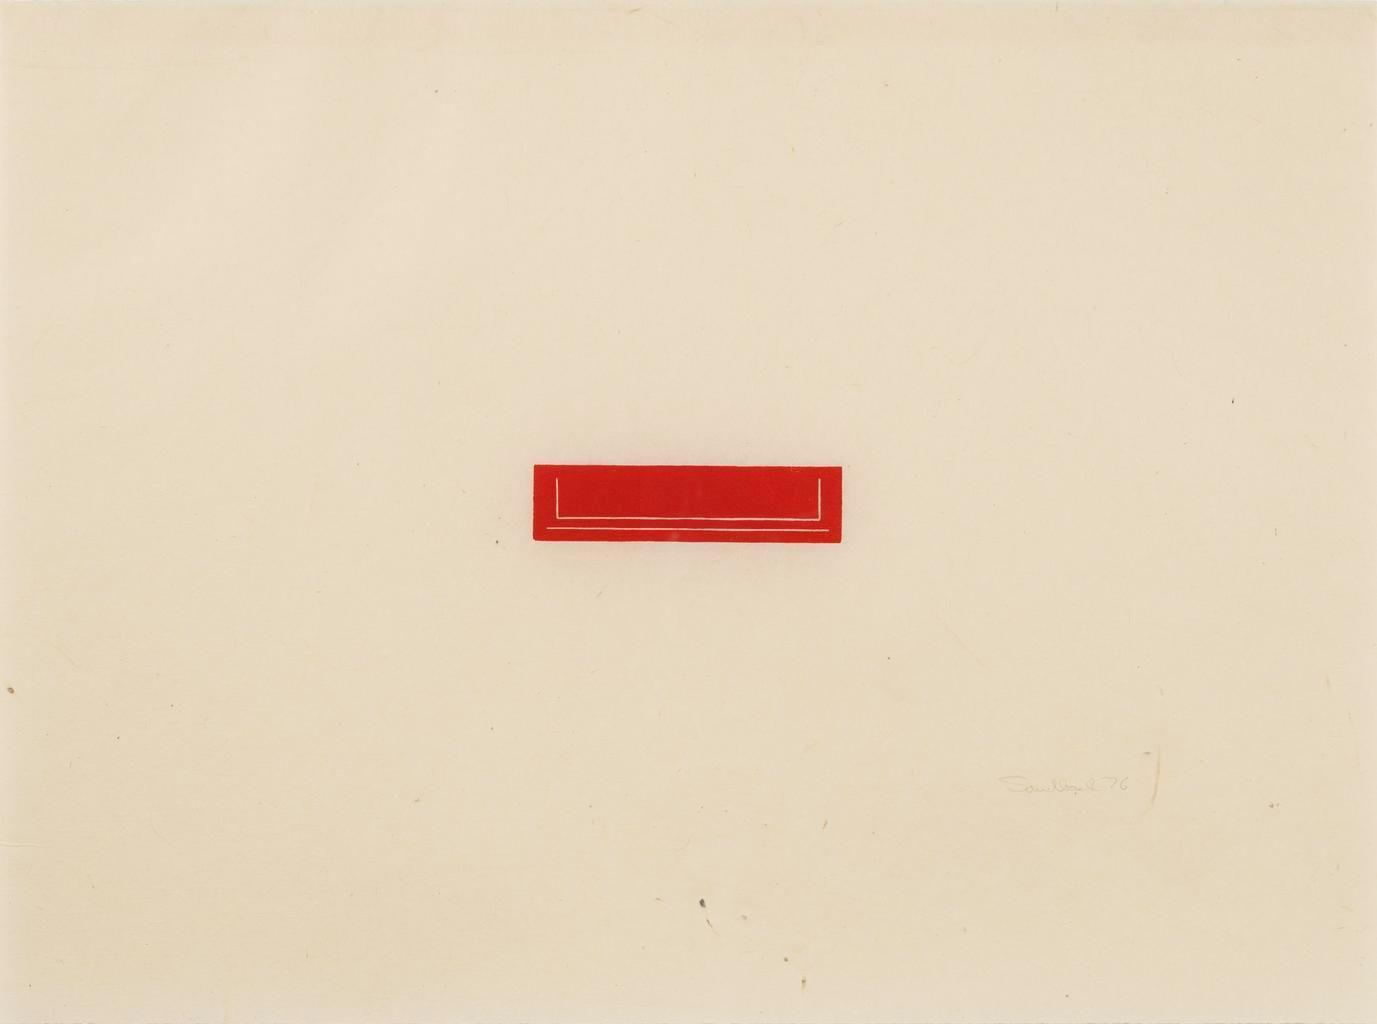 1976, Medium: Woodcut